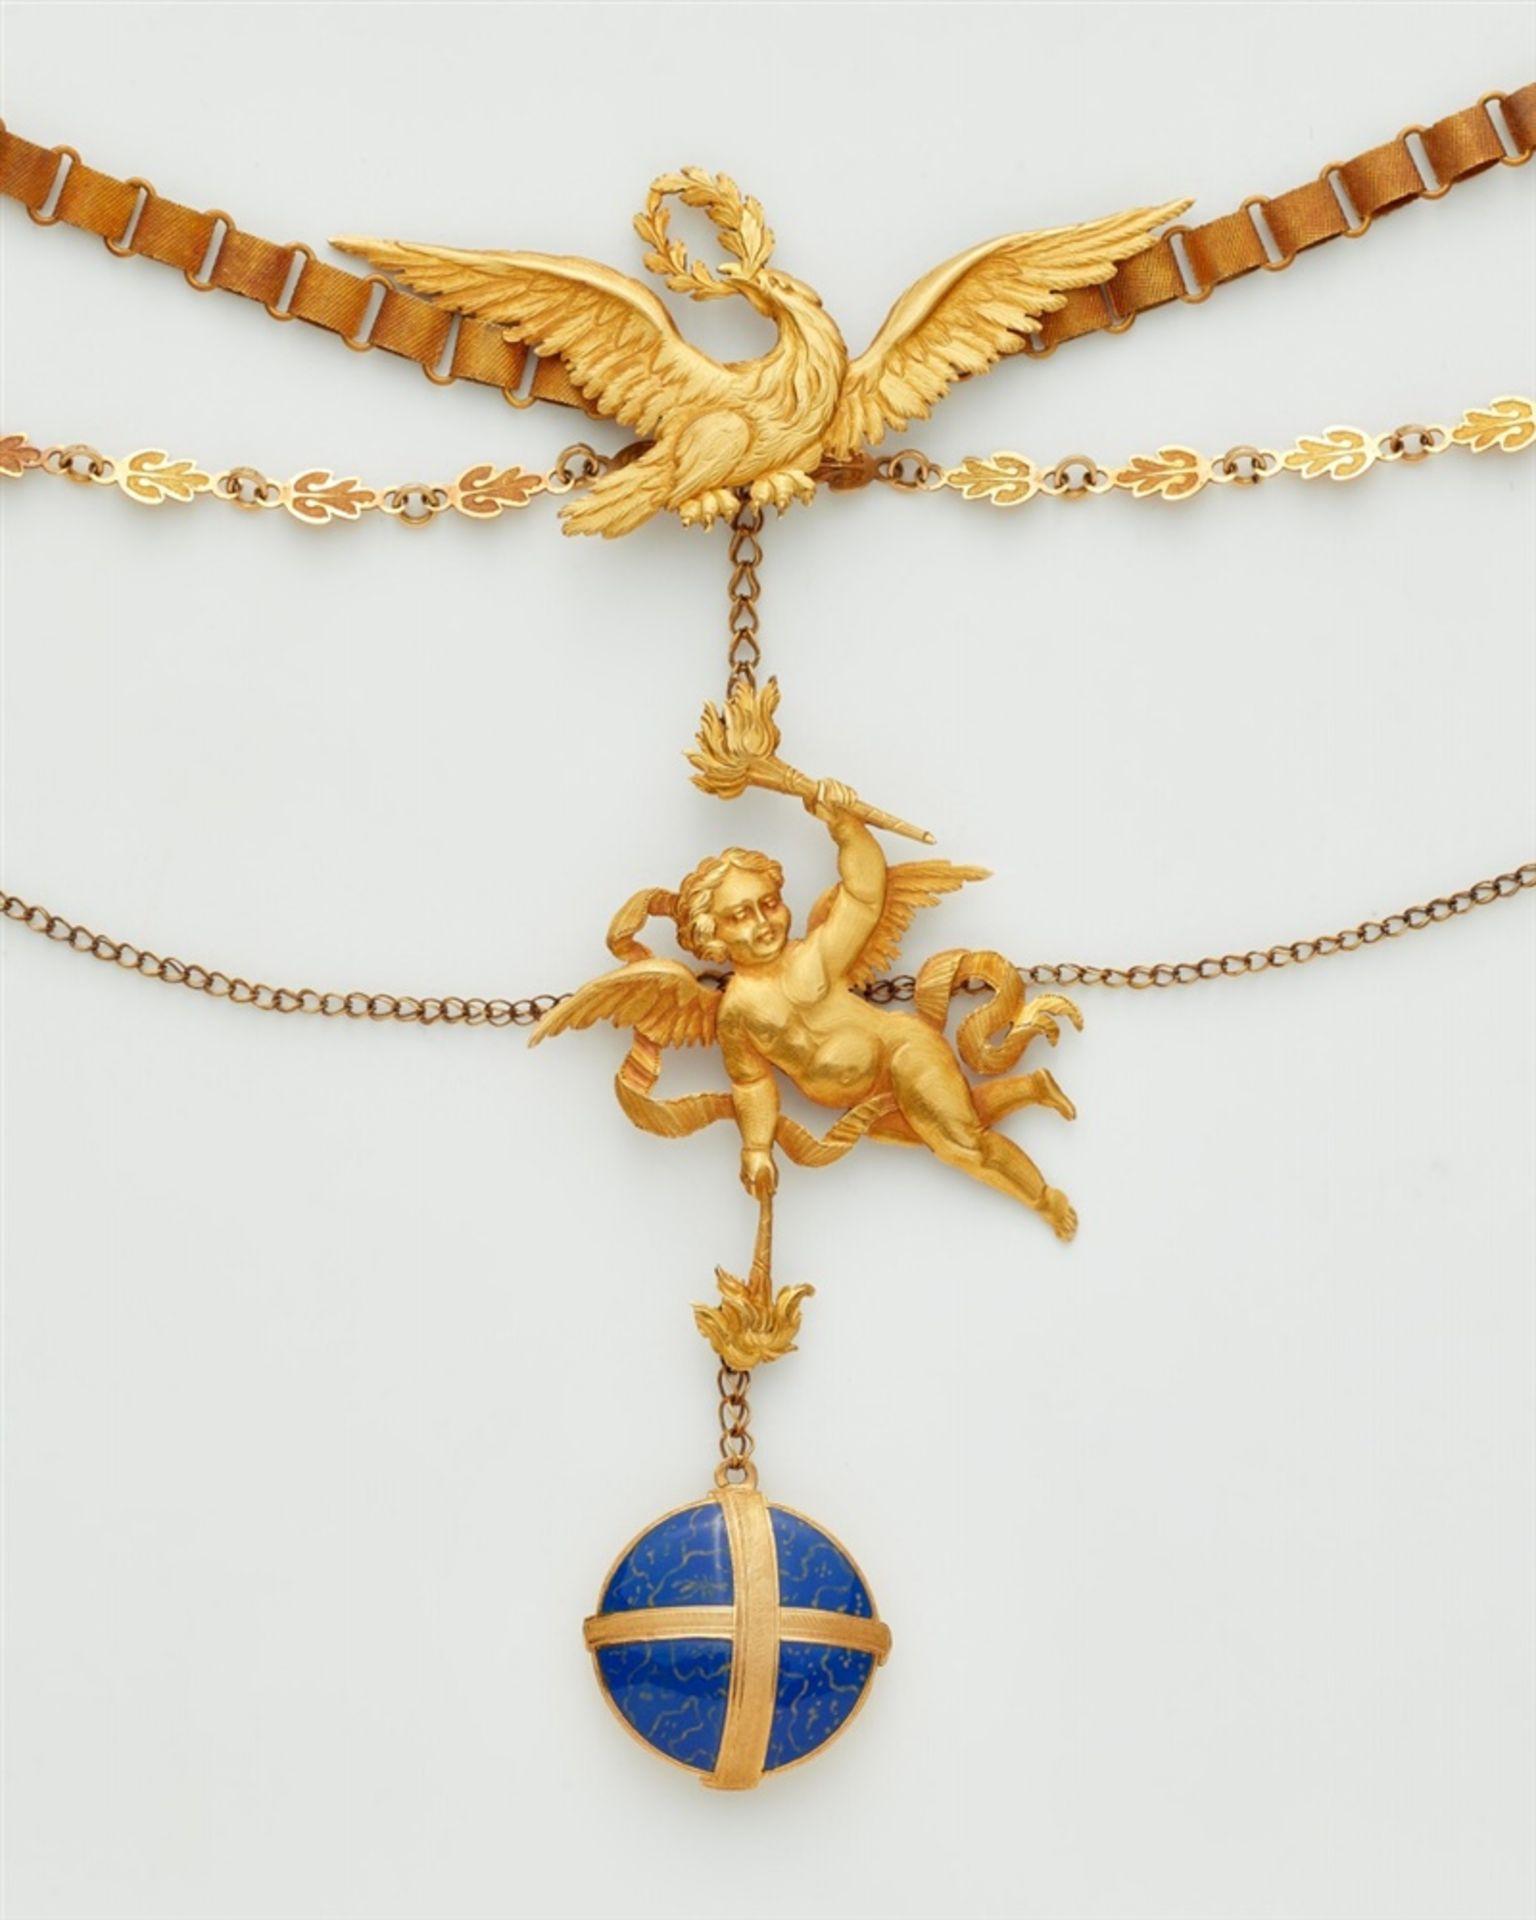 Klassizistisches Goldemail-Collier - Bild 2 aus 2